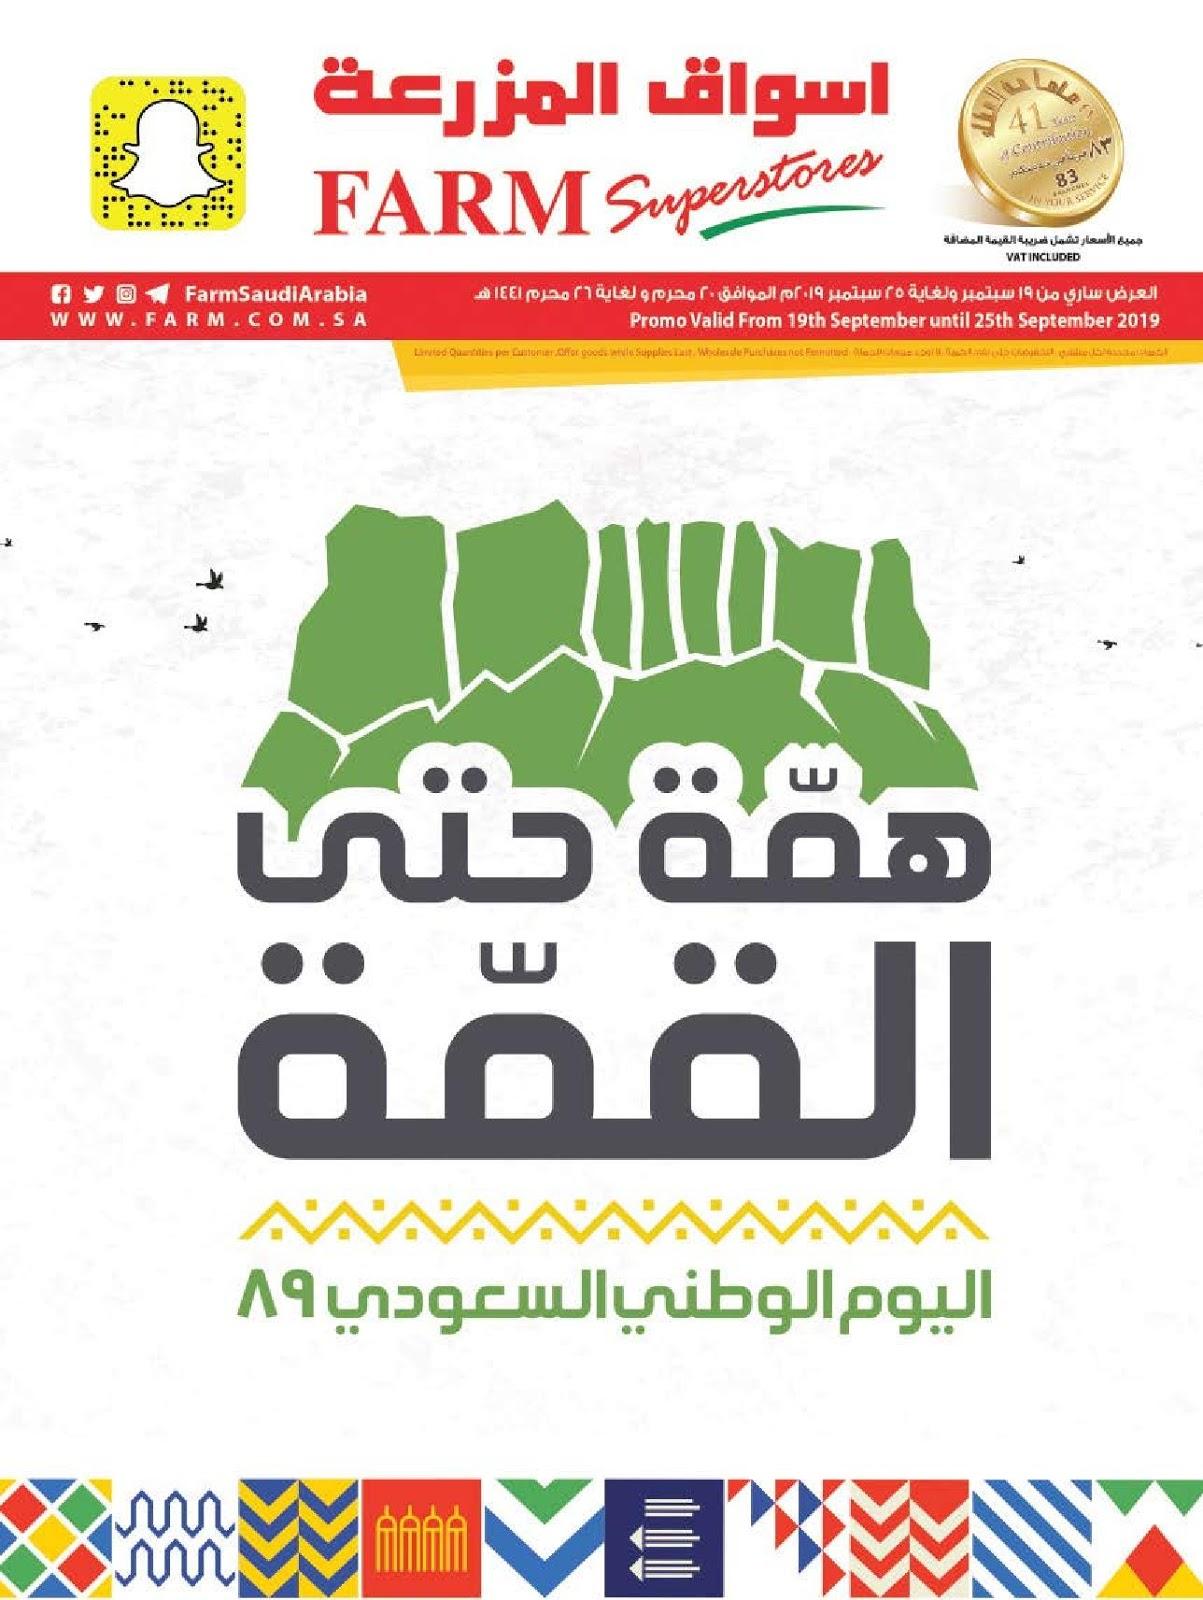 عروض اسواق المزرعة جدة و المنطقة الجنوبية الاسبوعية السعودية من 19 سبتمبر حتى 25 سبتمبر 2019